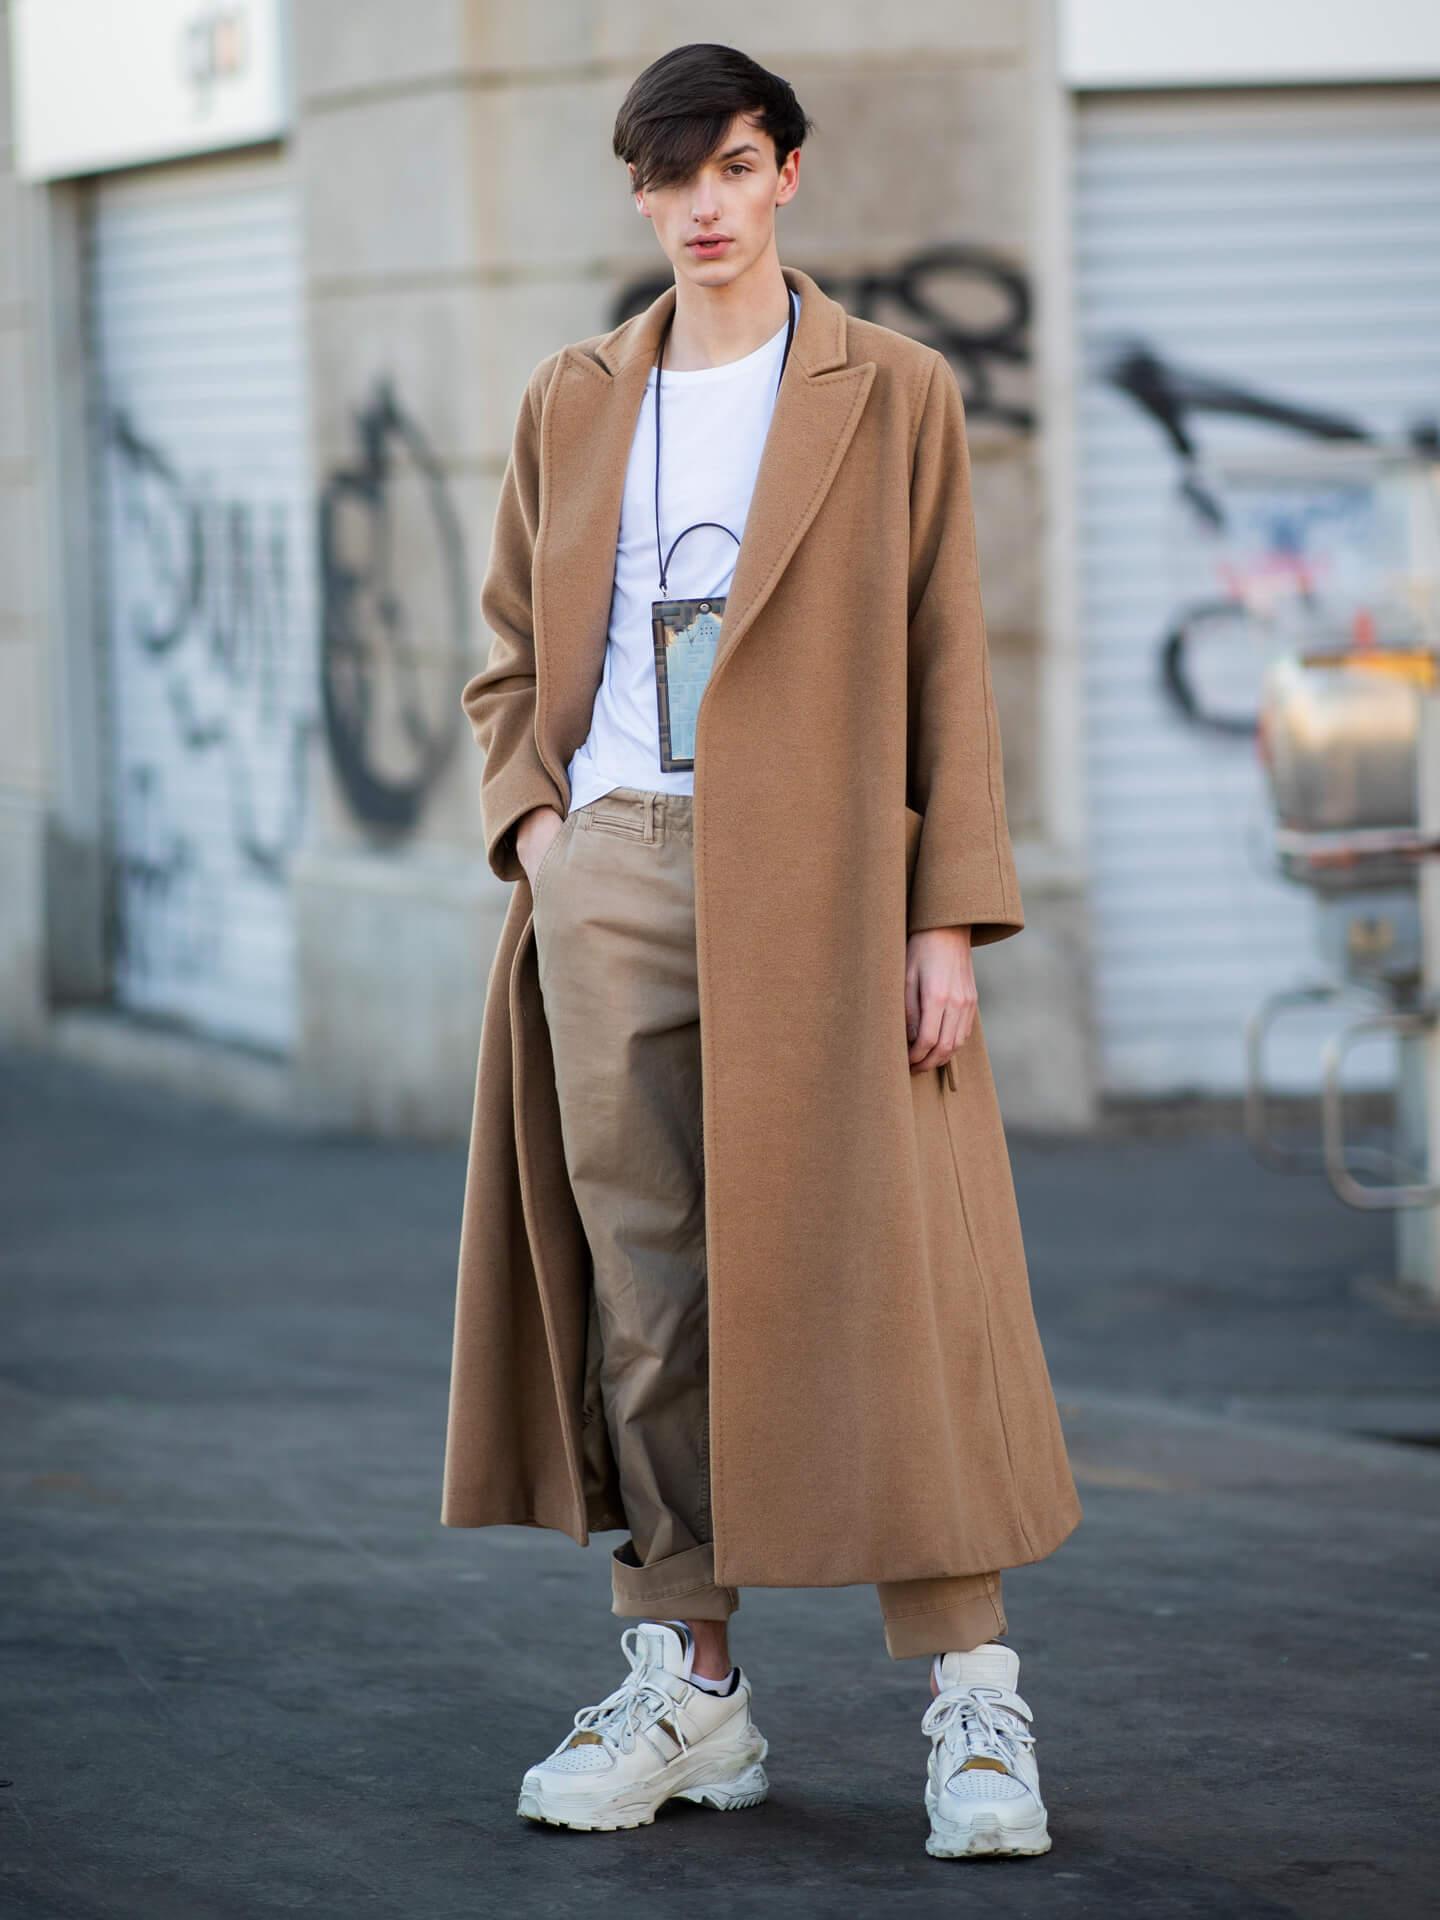 Welcher Style passt zu mir - Shoelove by Deichmann